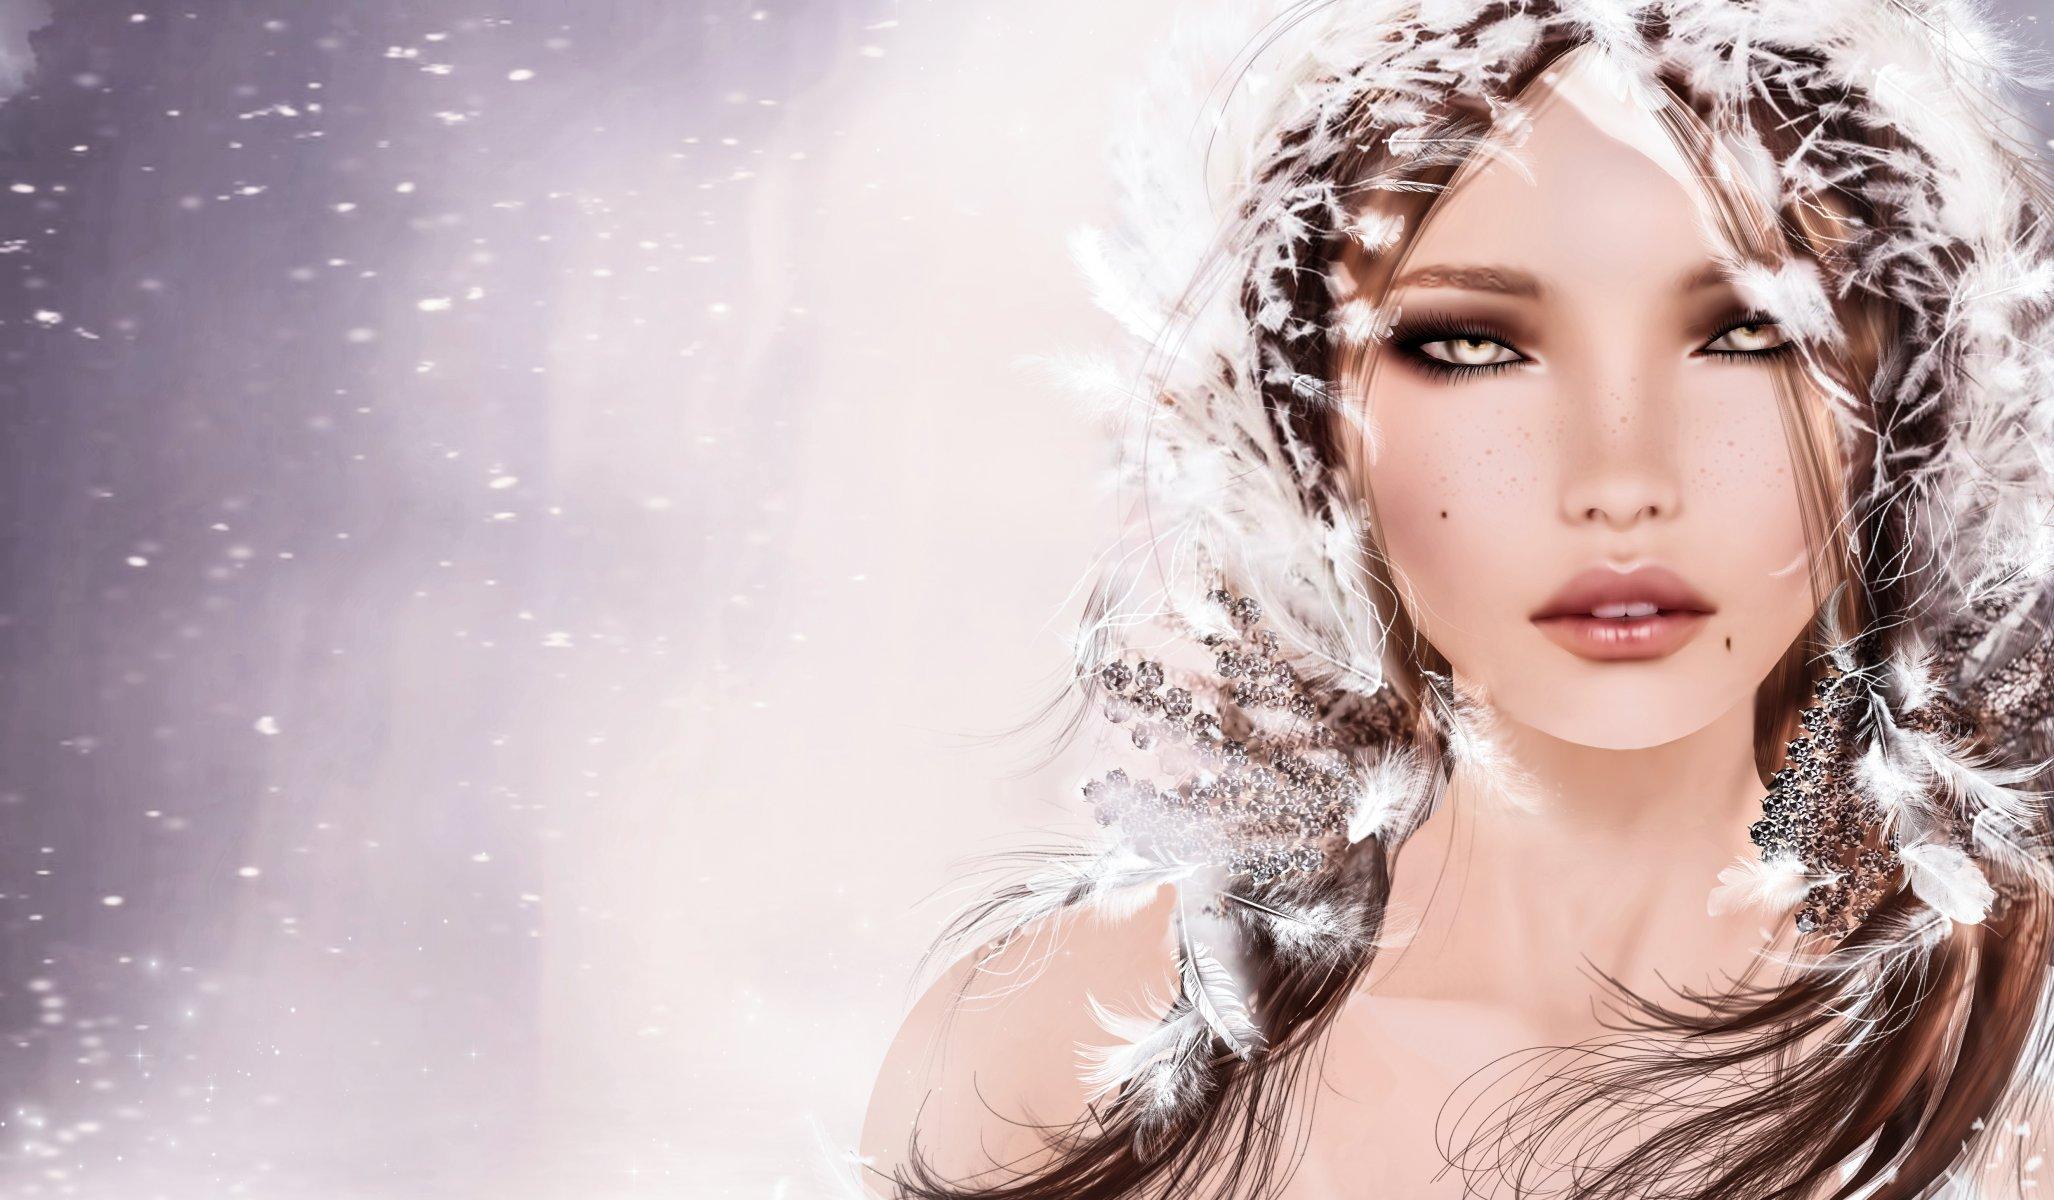 Картинки девушка зима красивые нарисованные